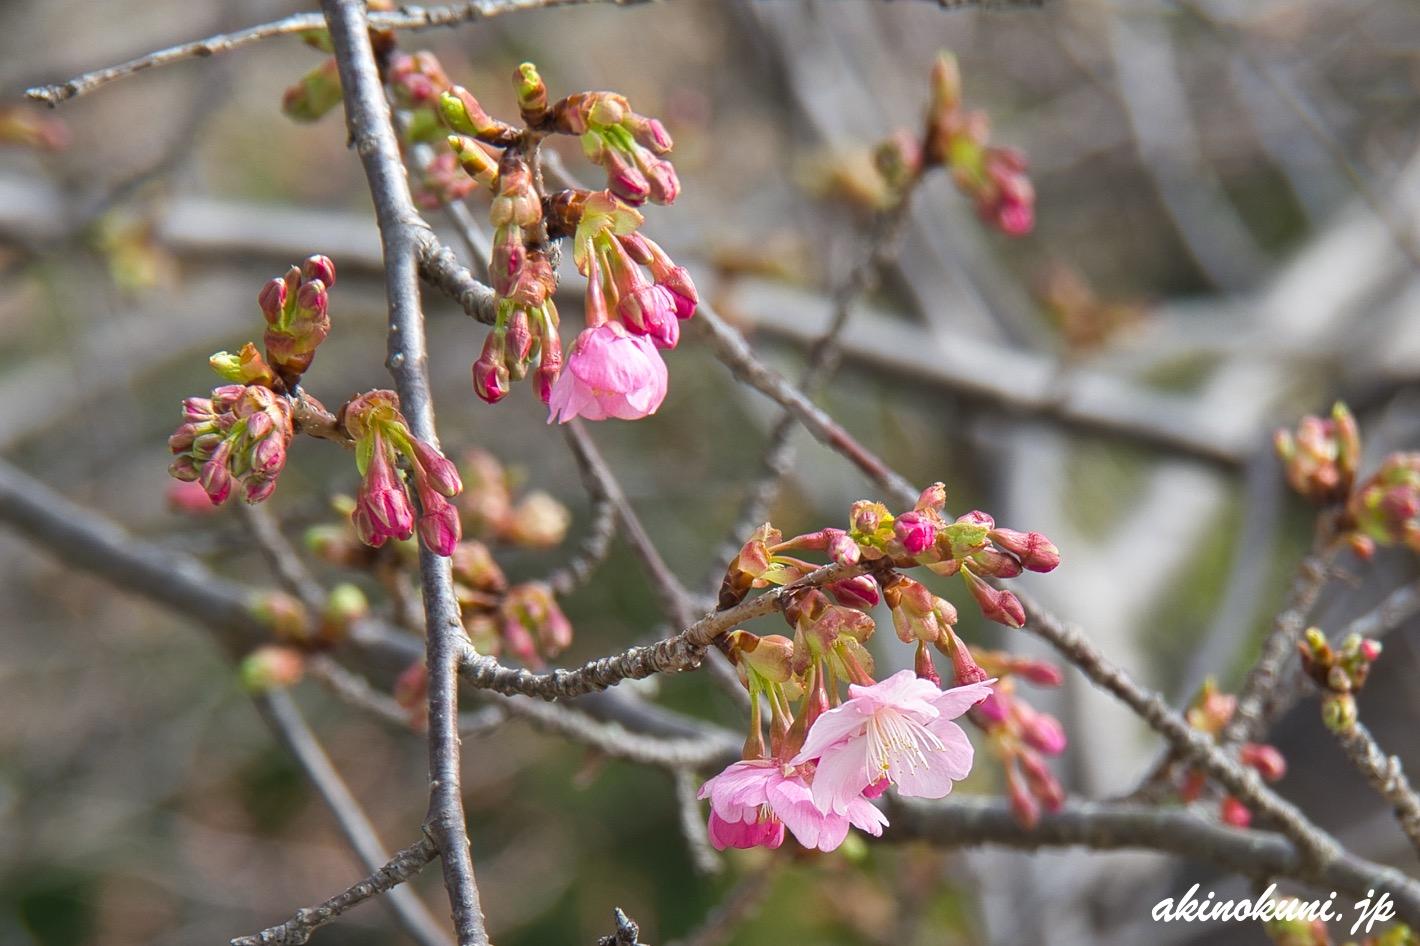 ハート島を観る場所の河津桜 2